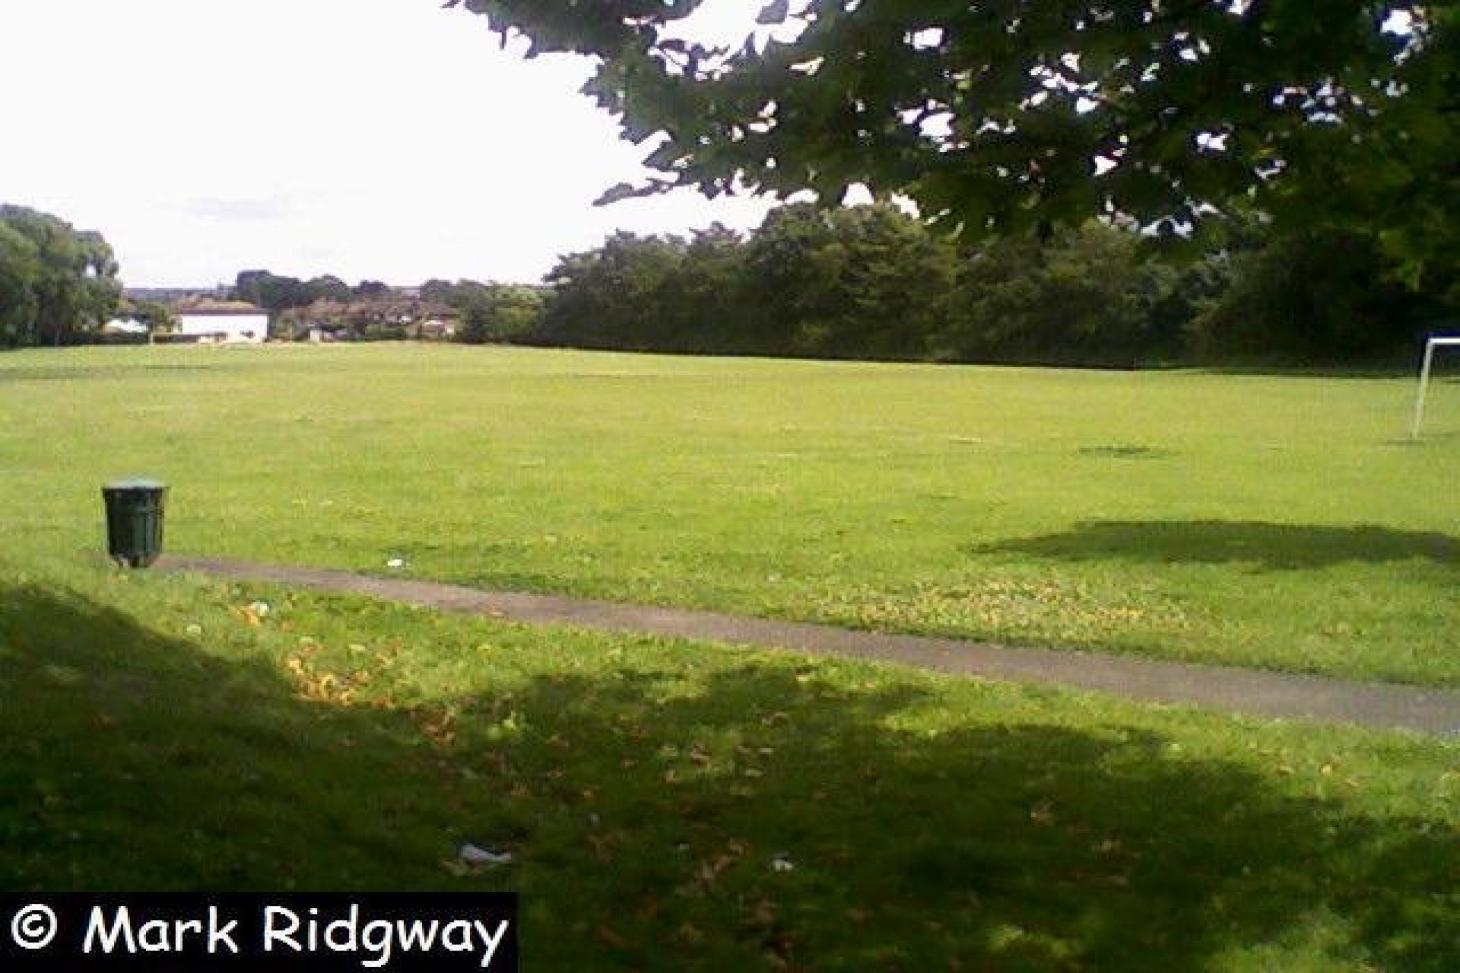 Selsdon Recreation Ground Outdoor   Hard (macadam) tennis court